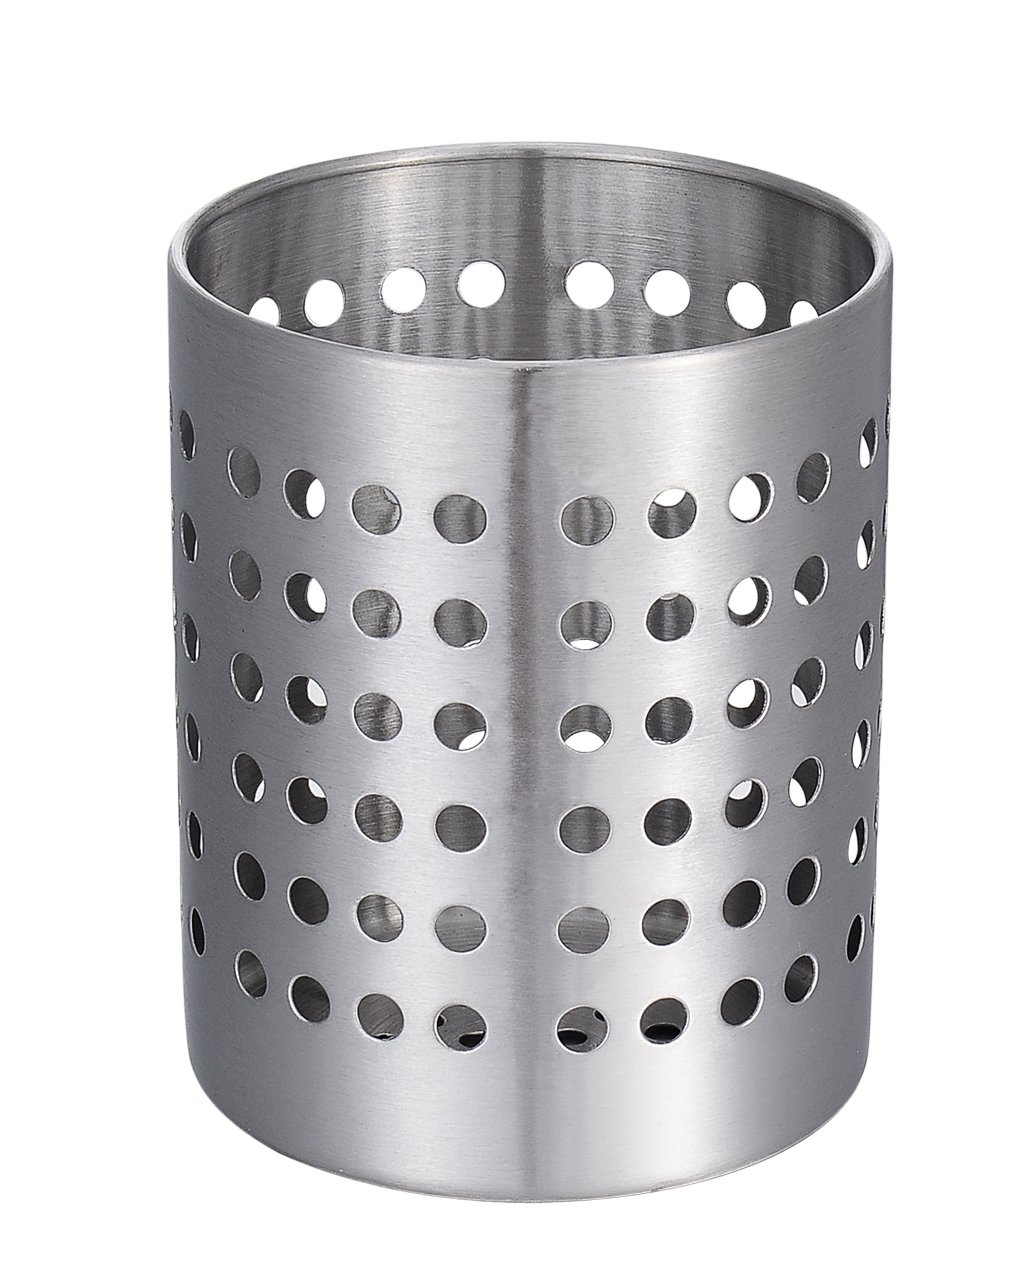 """KSENDALO Utensil silverware Holder, Stainless Flatware Organizer, Drying Holder for Kitchen Home Office, Diameter 4.72"""""""